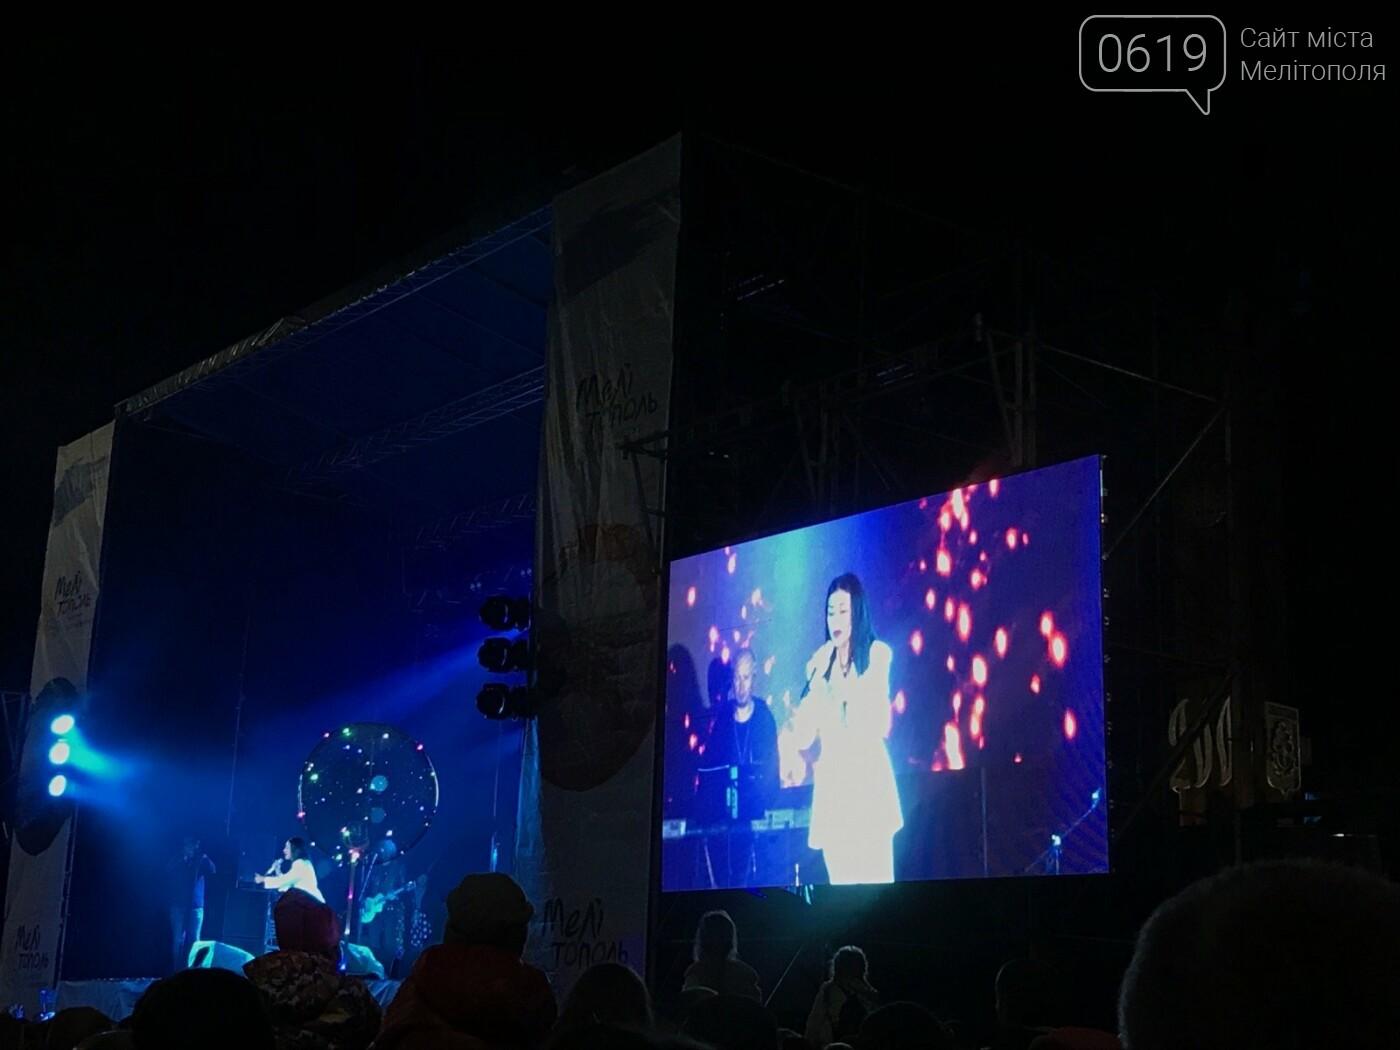 В Мелитополе празднование Дня города завершилось ярким концертом и фейерверком , фото-2